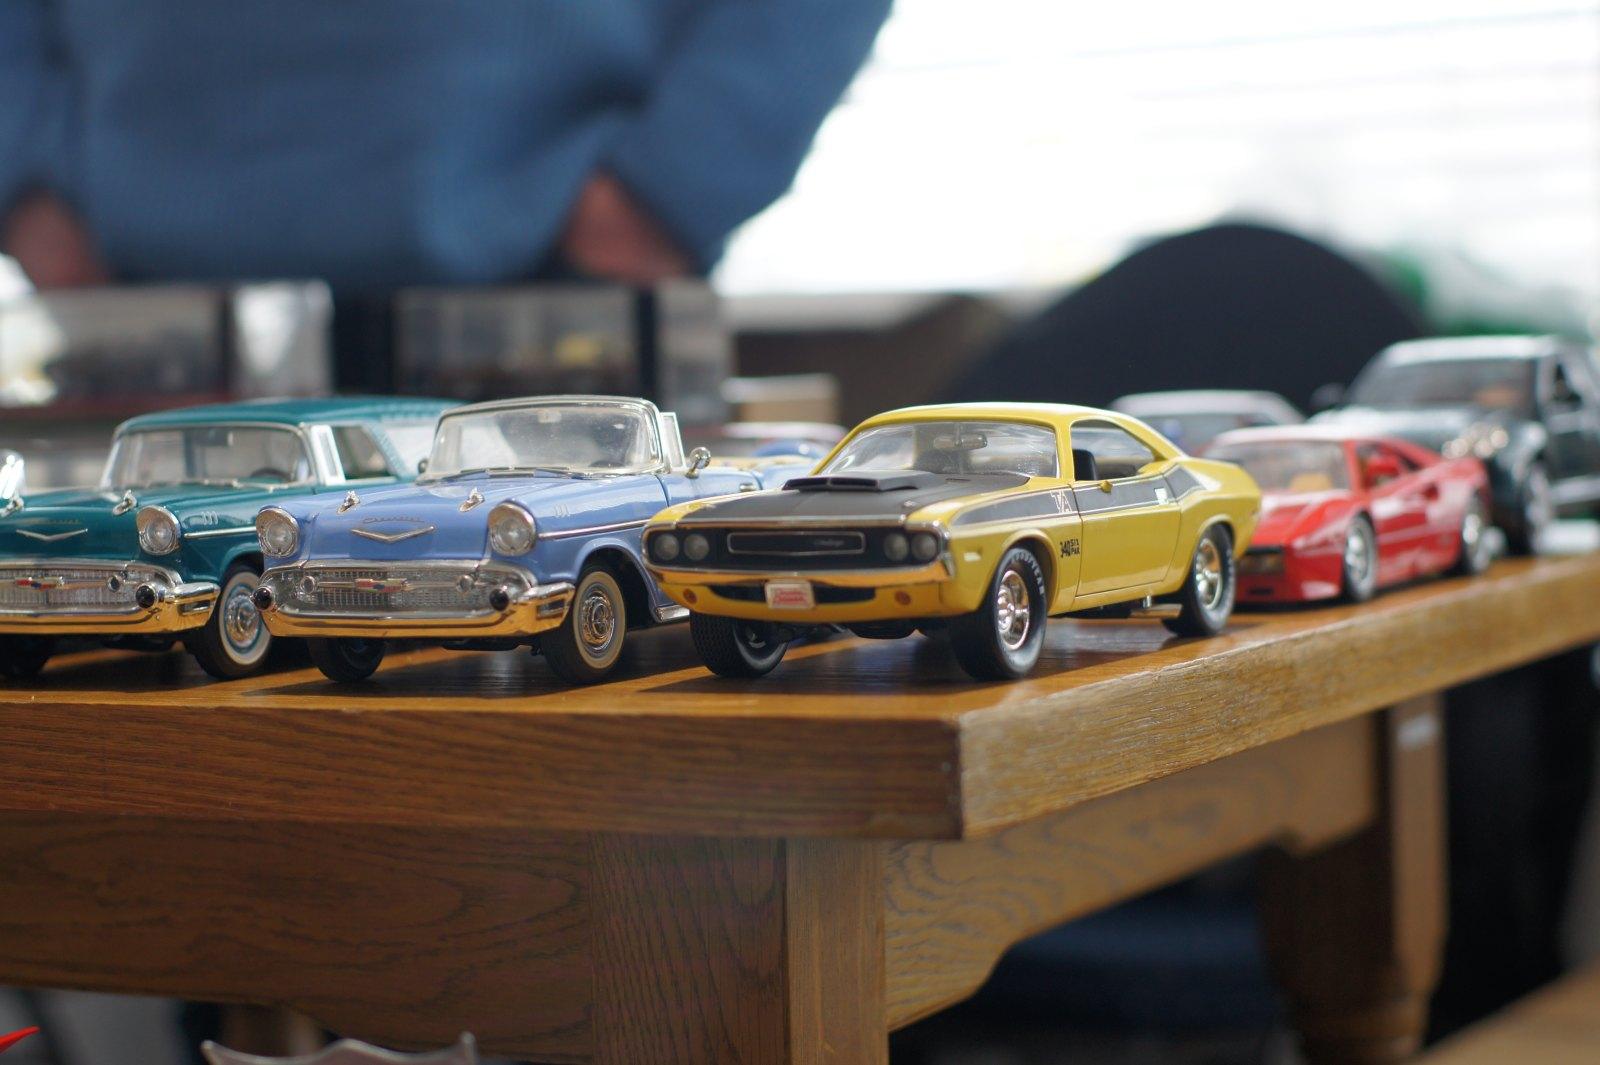 Giełda Modeli Samochodów 13